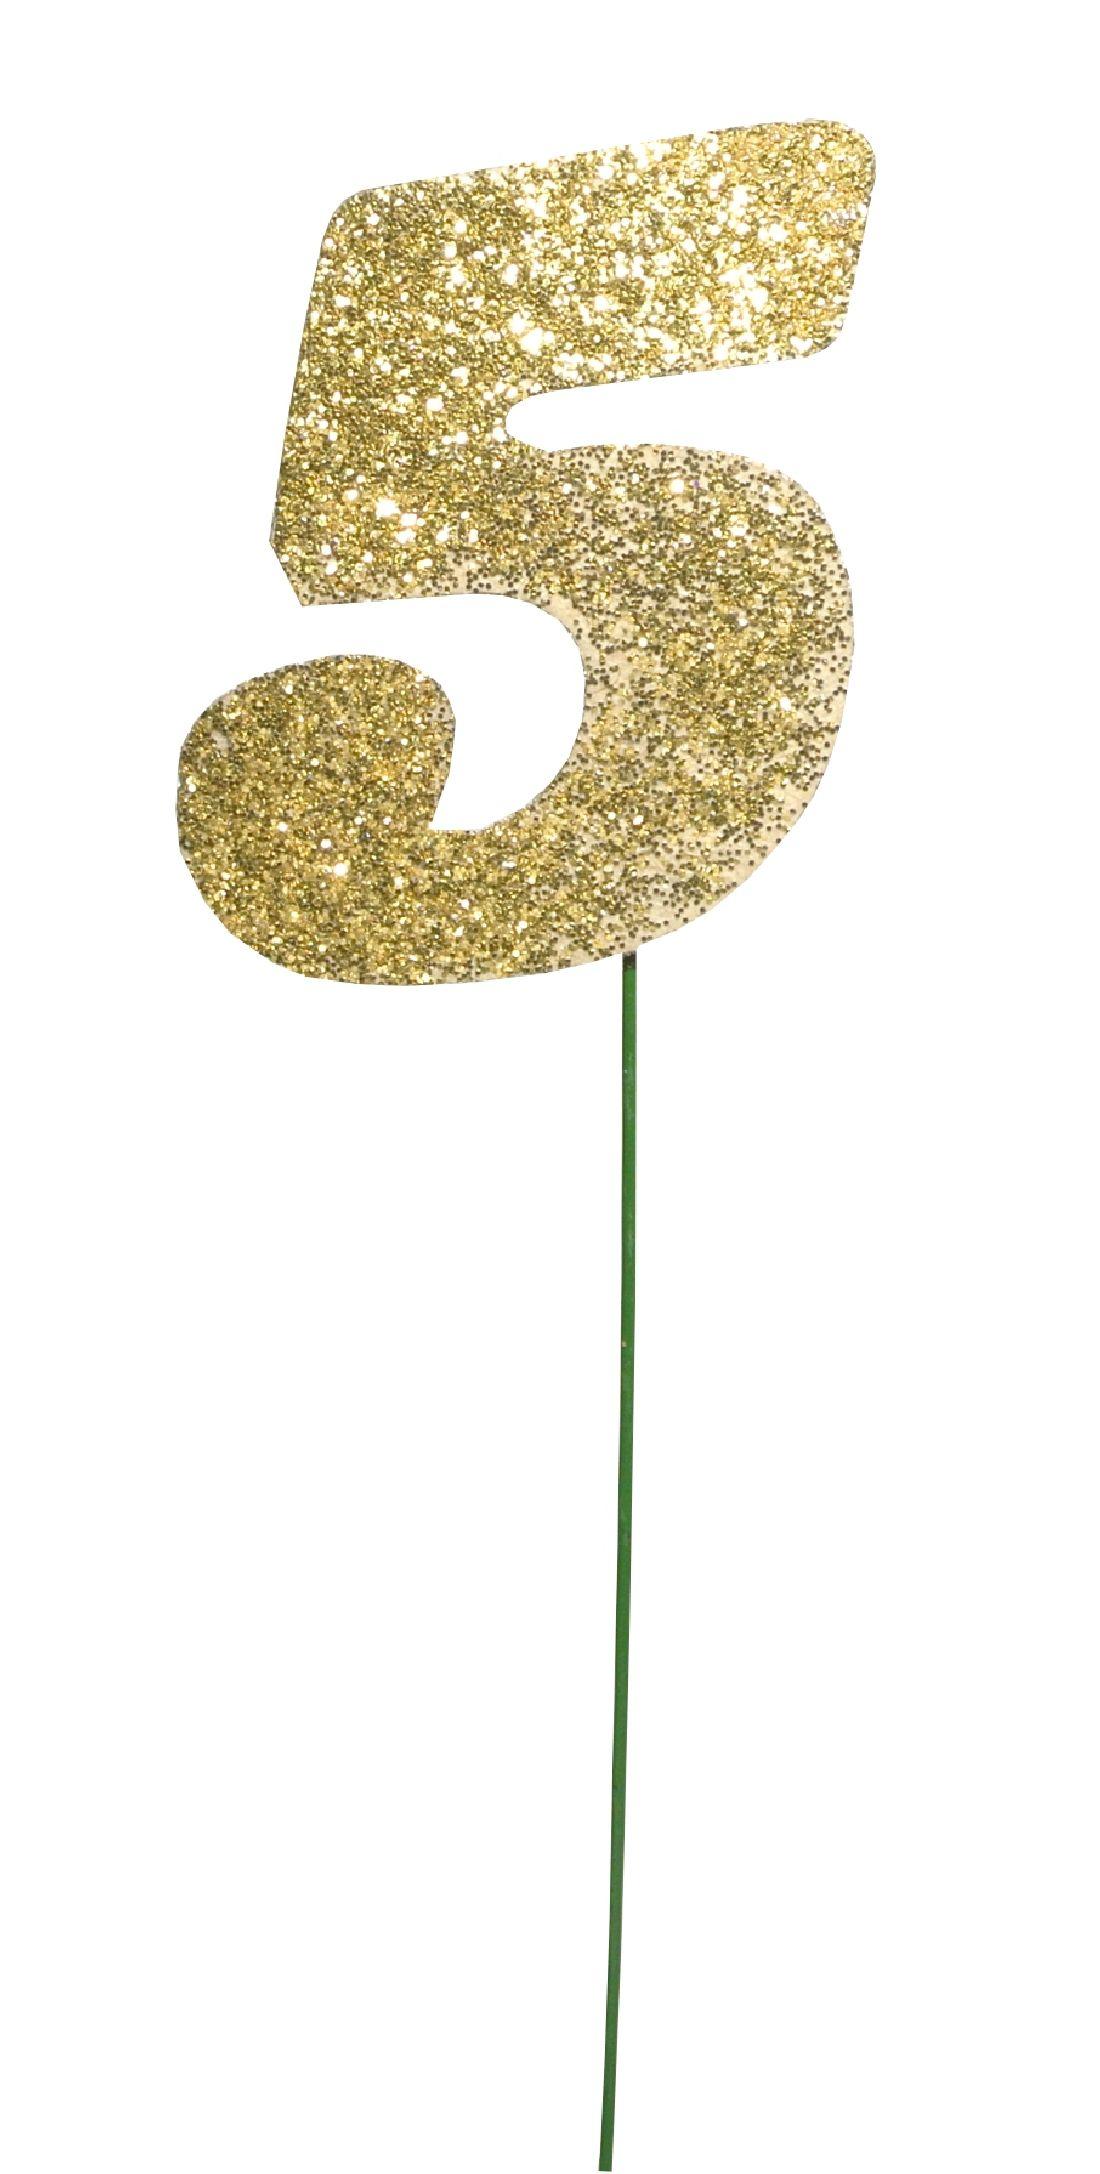 Glimmer-Einzelzahl GOLD 5er